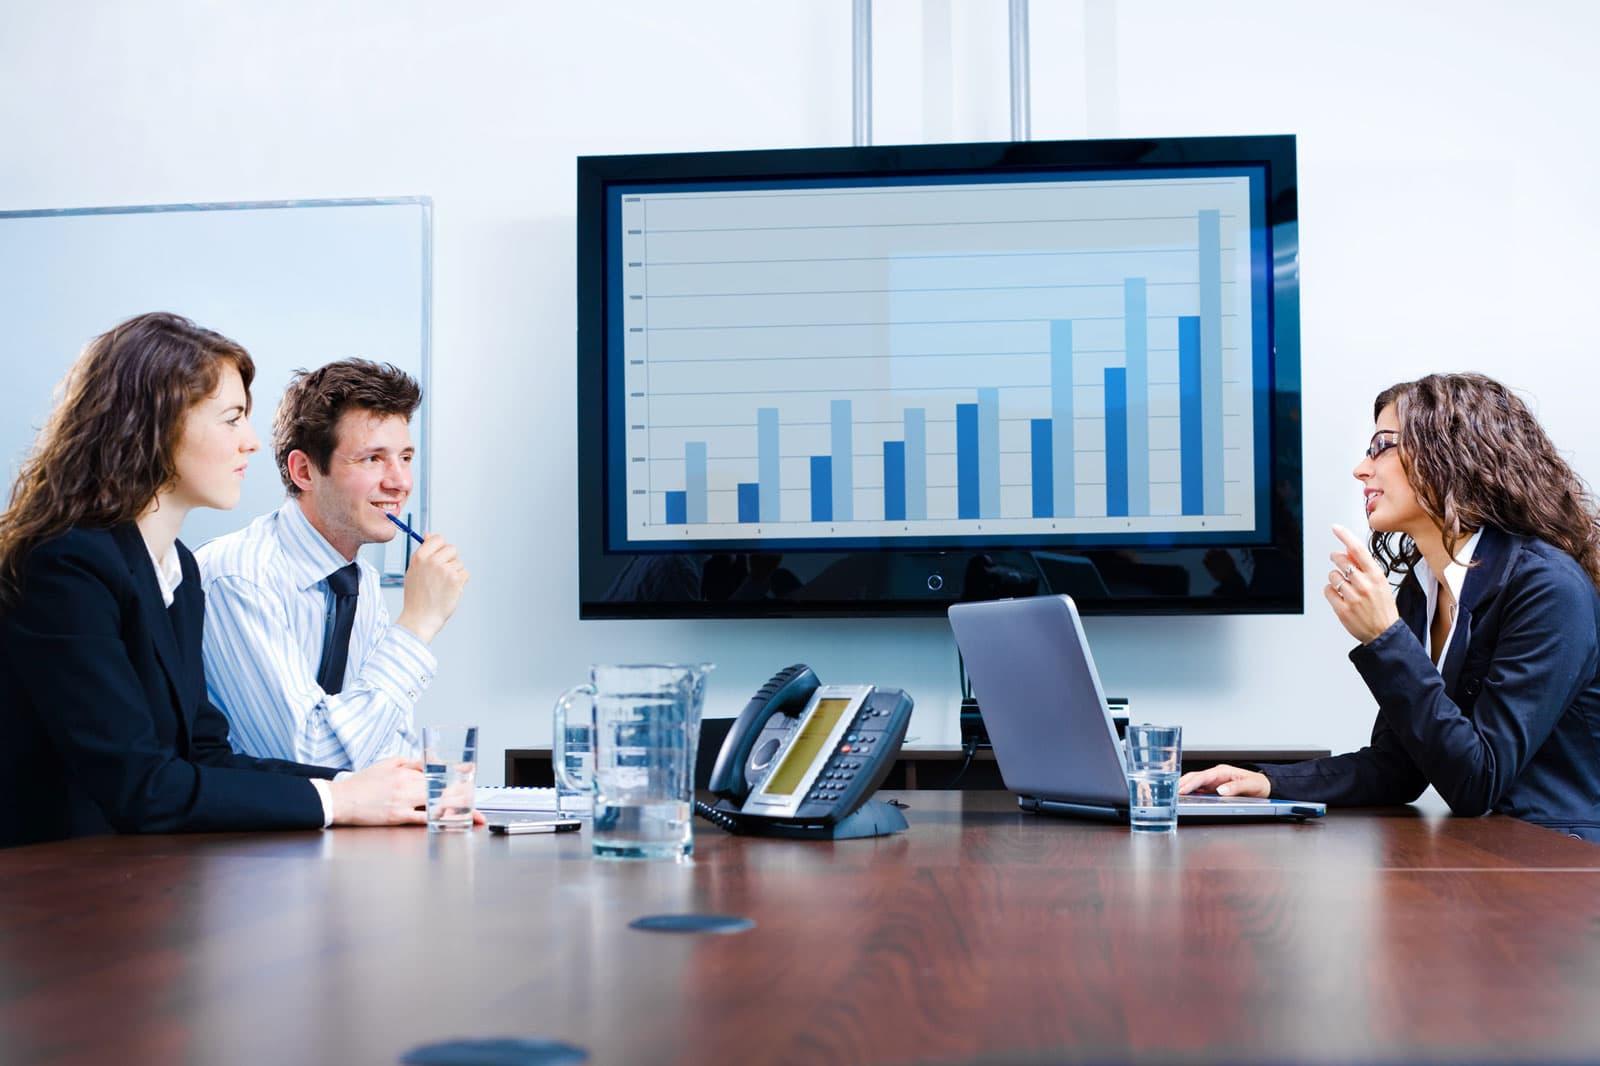 3 Tipps wie Sie bei Präsentationen die Aufmerksamkeit sichern